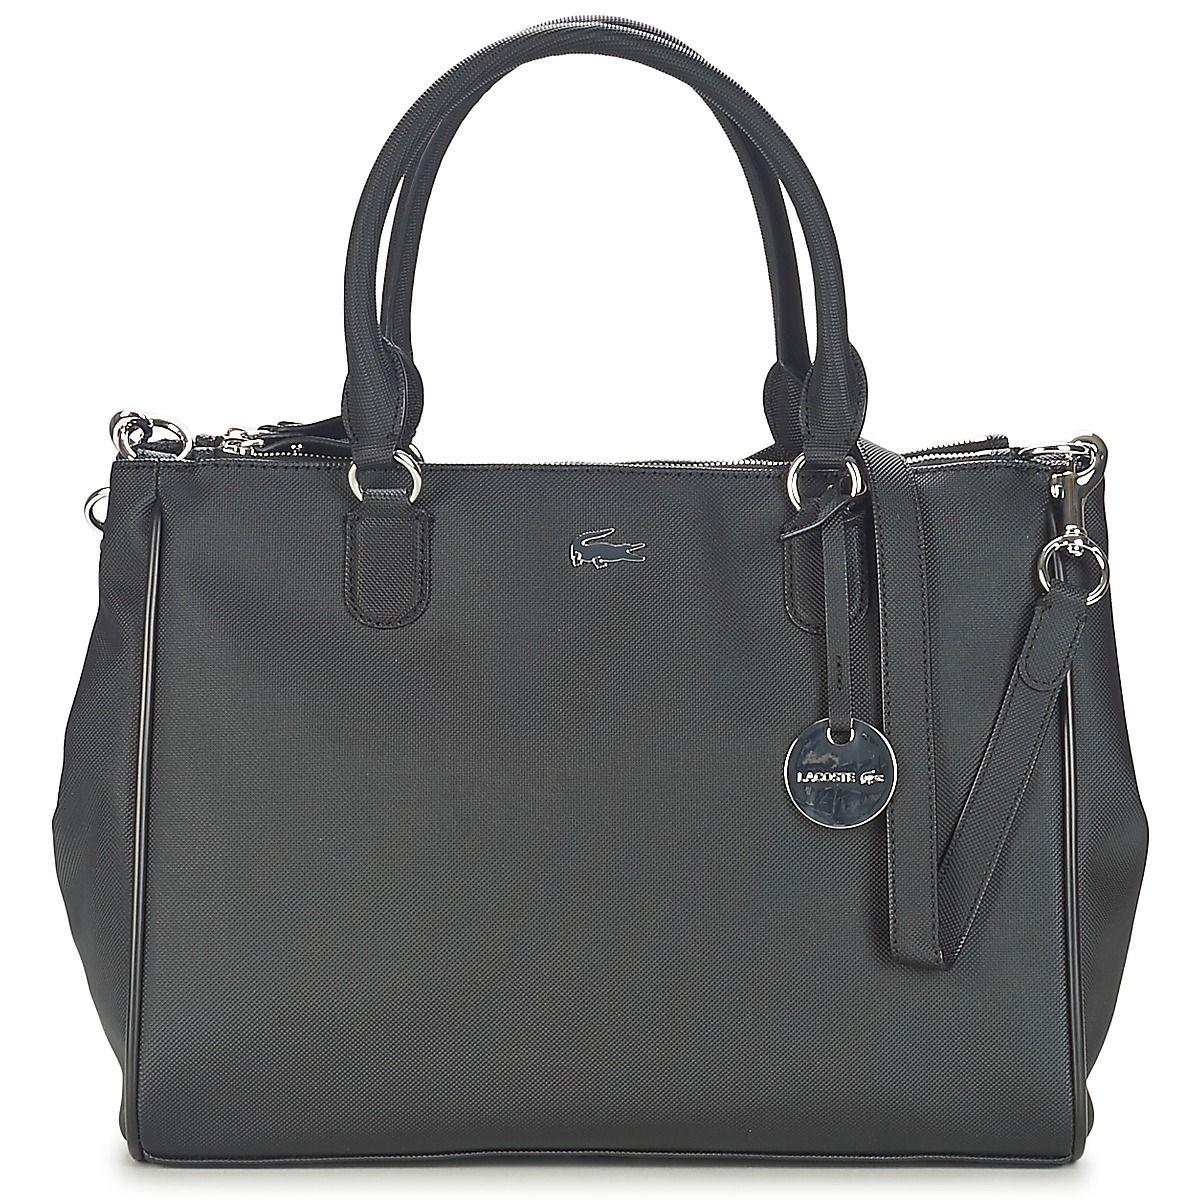 50f0ac774f Sac porté épaule Lacoste DAILY CLASSIC Noir prix promo Sacs Spartoo 205.00 €